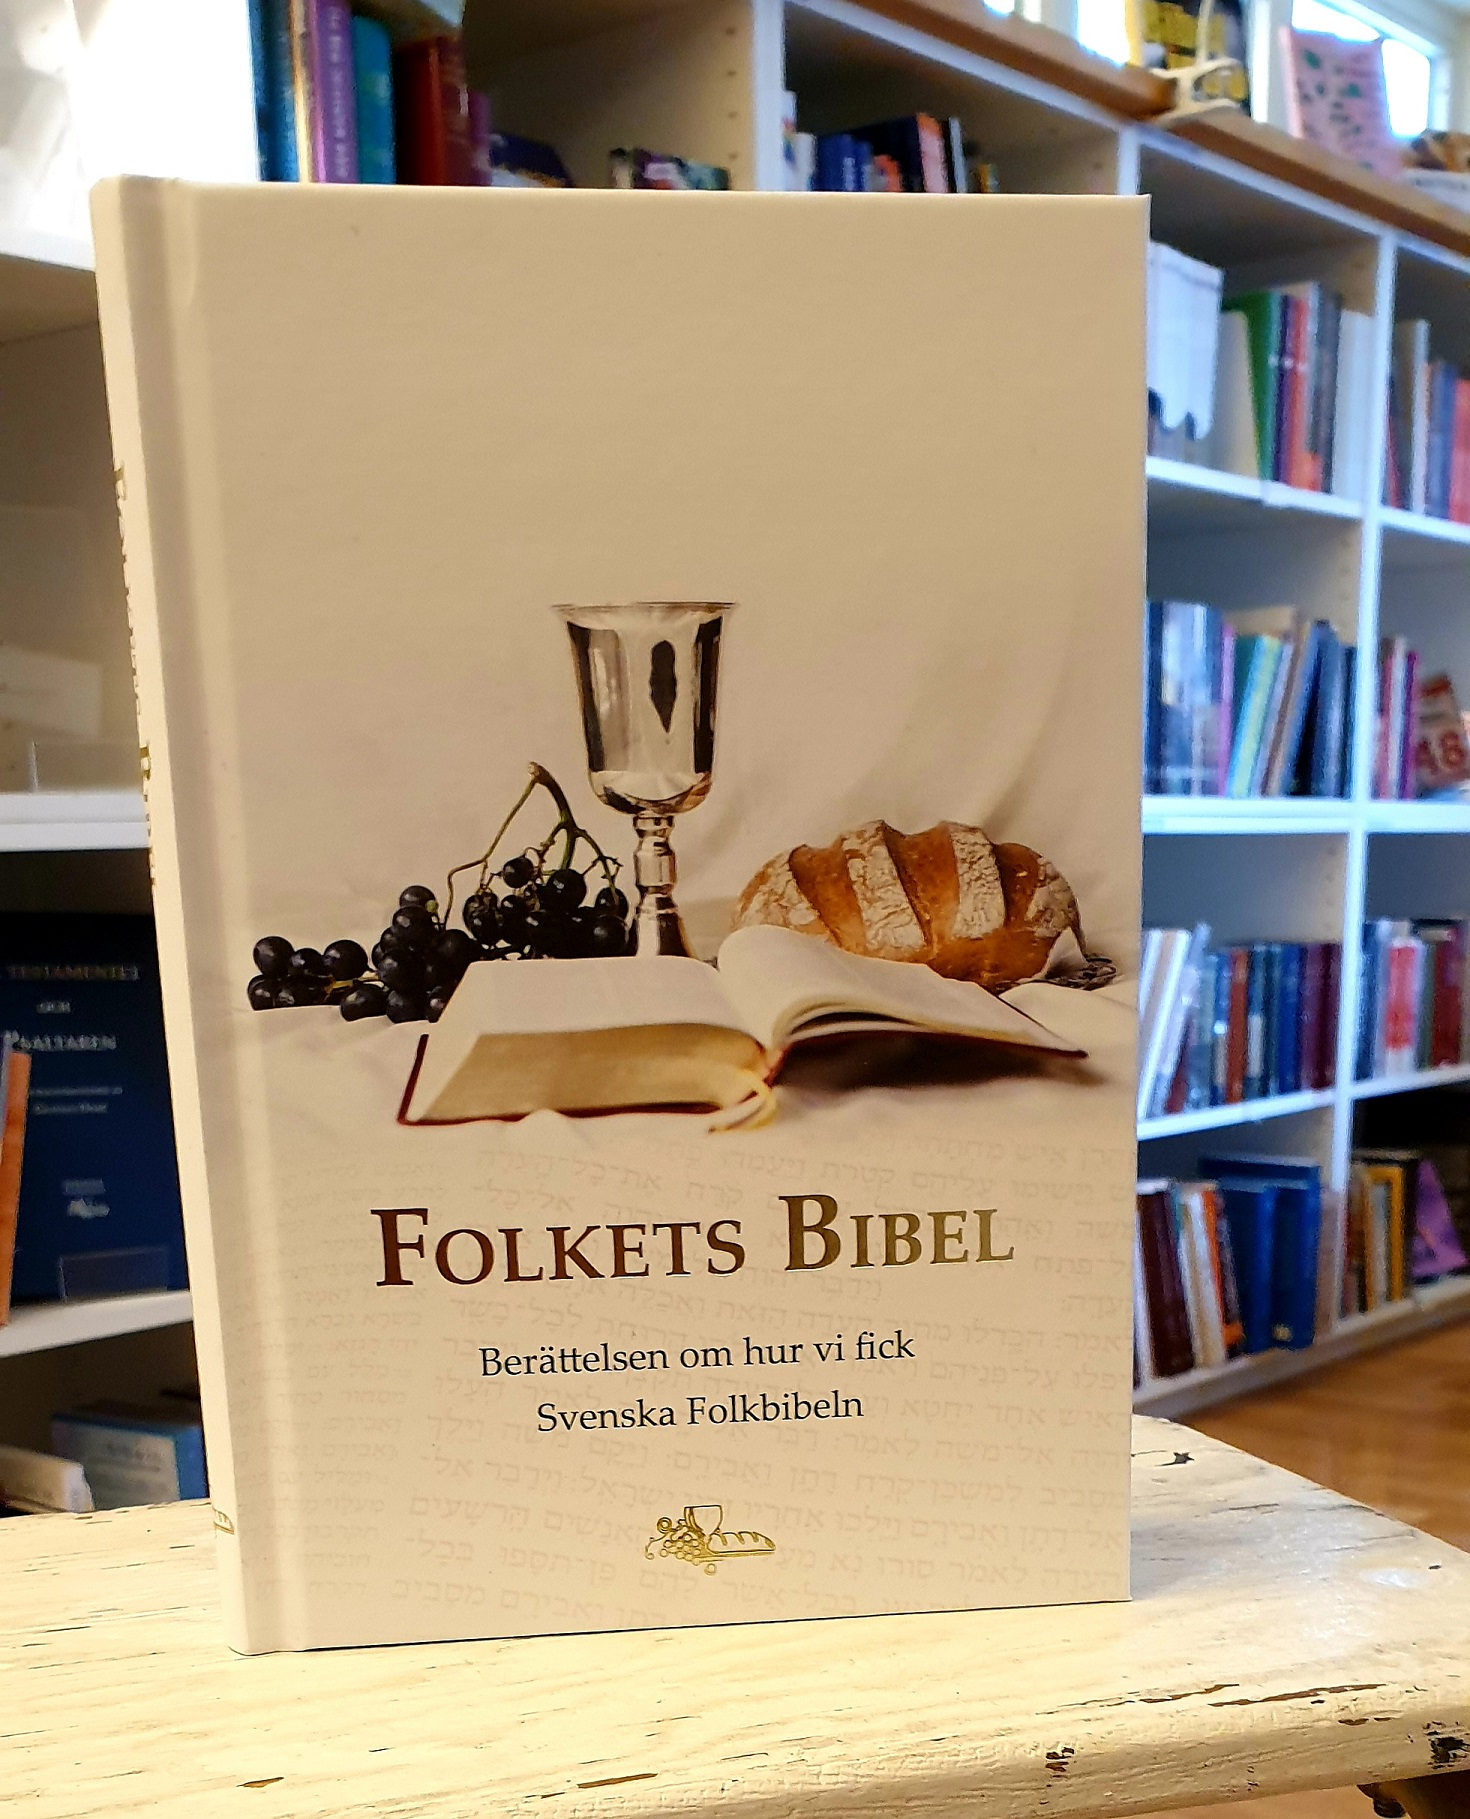 Artikelnummer 2538 Folkets bibel via bibelbutiken.se